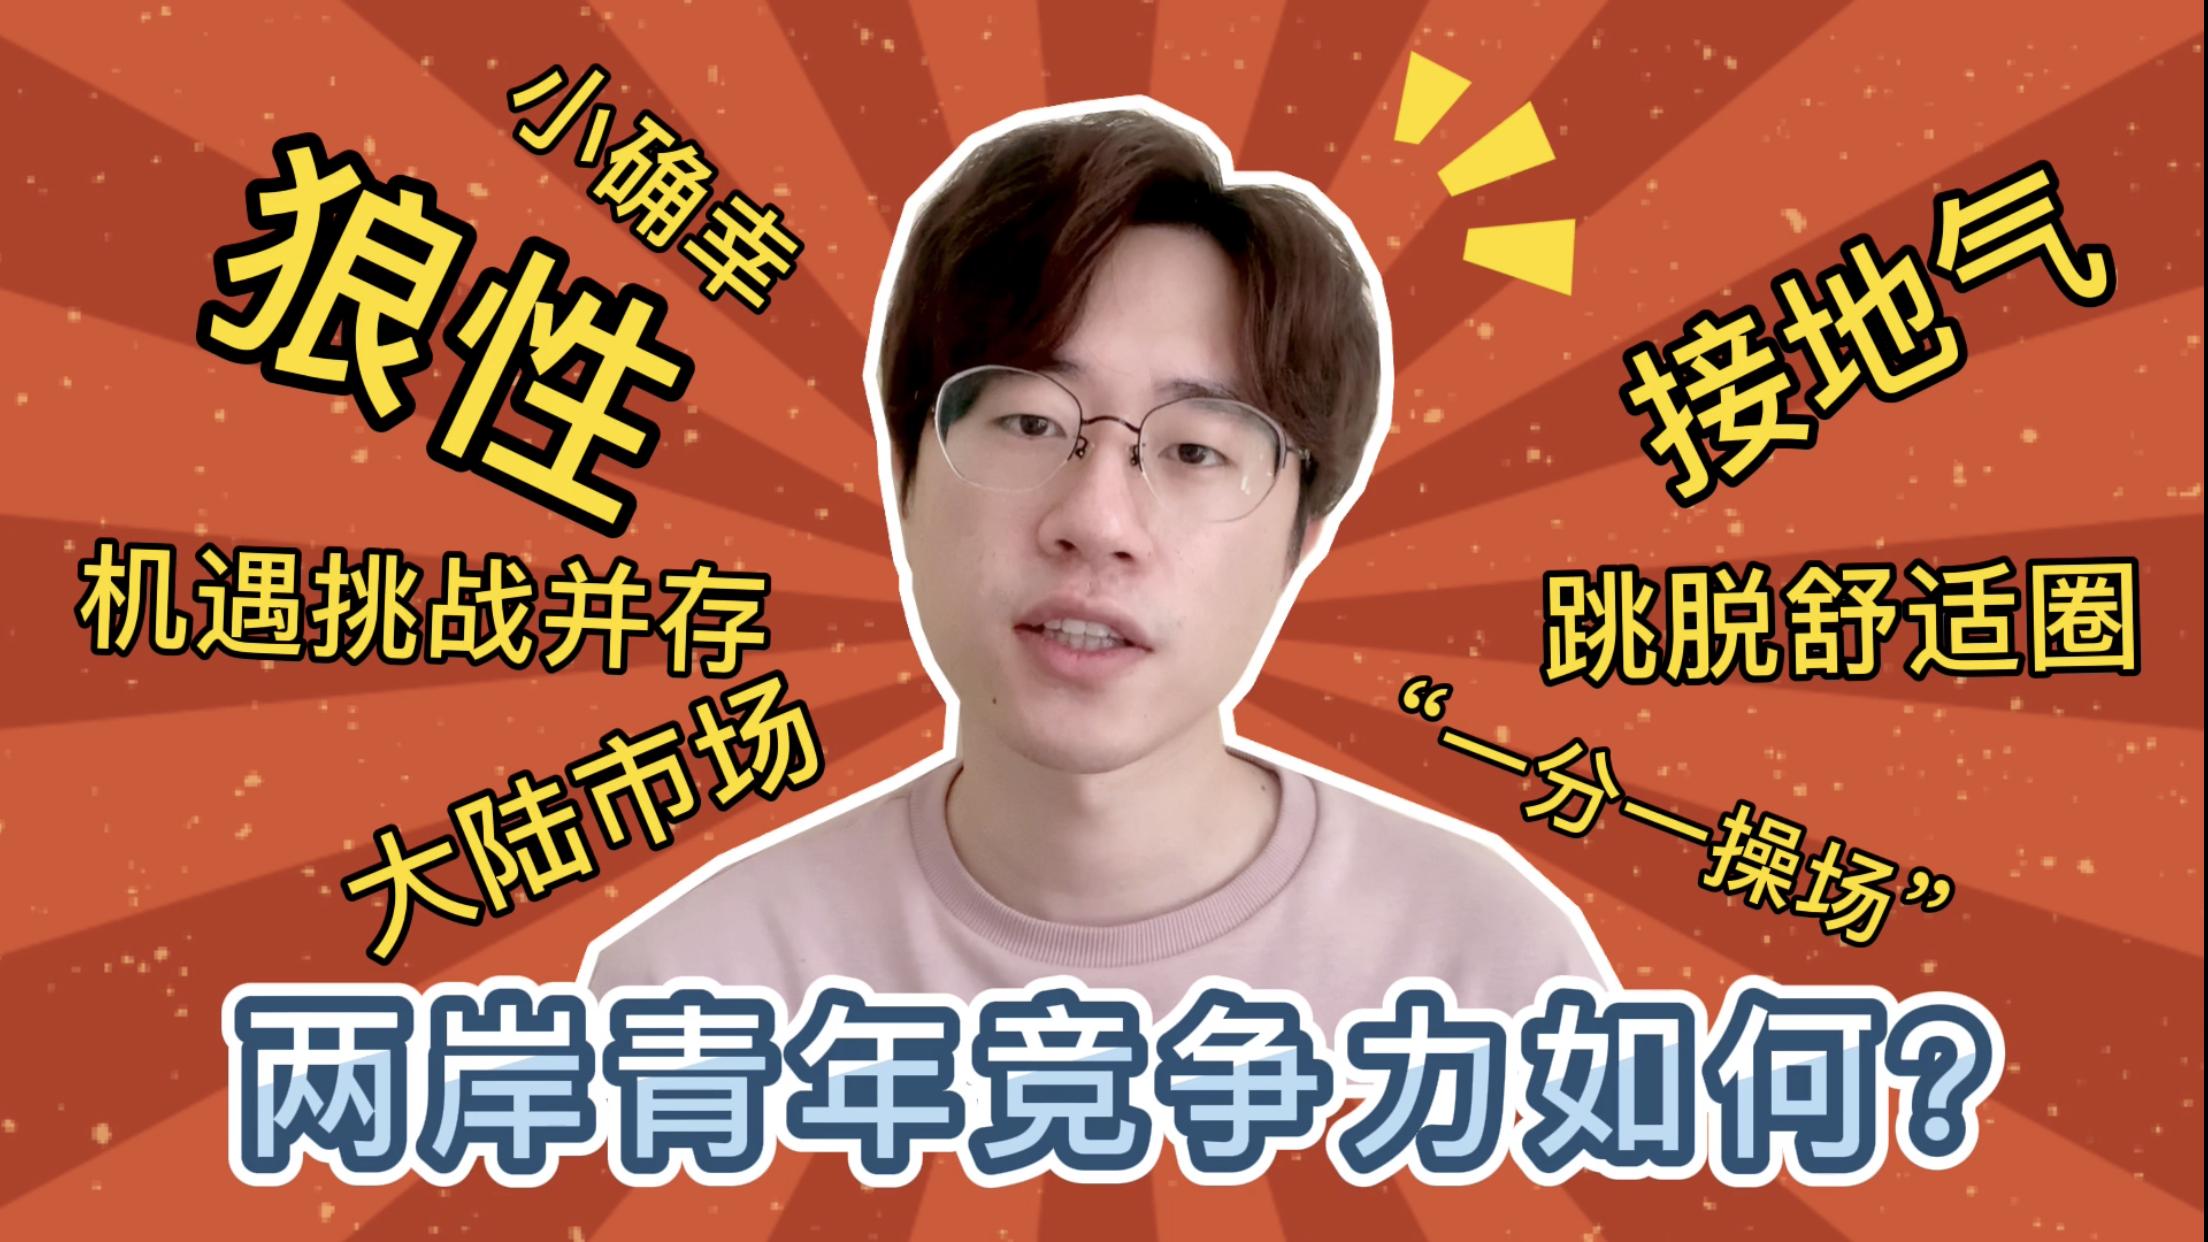 兩岸青年競爭力如何?看看這些臺灣青年怎么說圖片